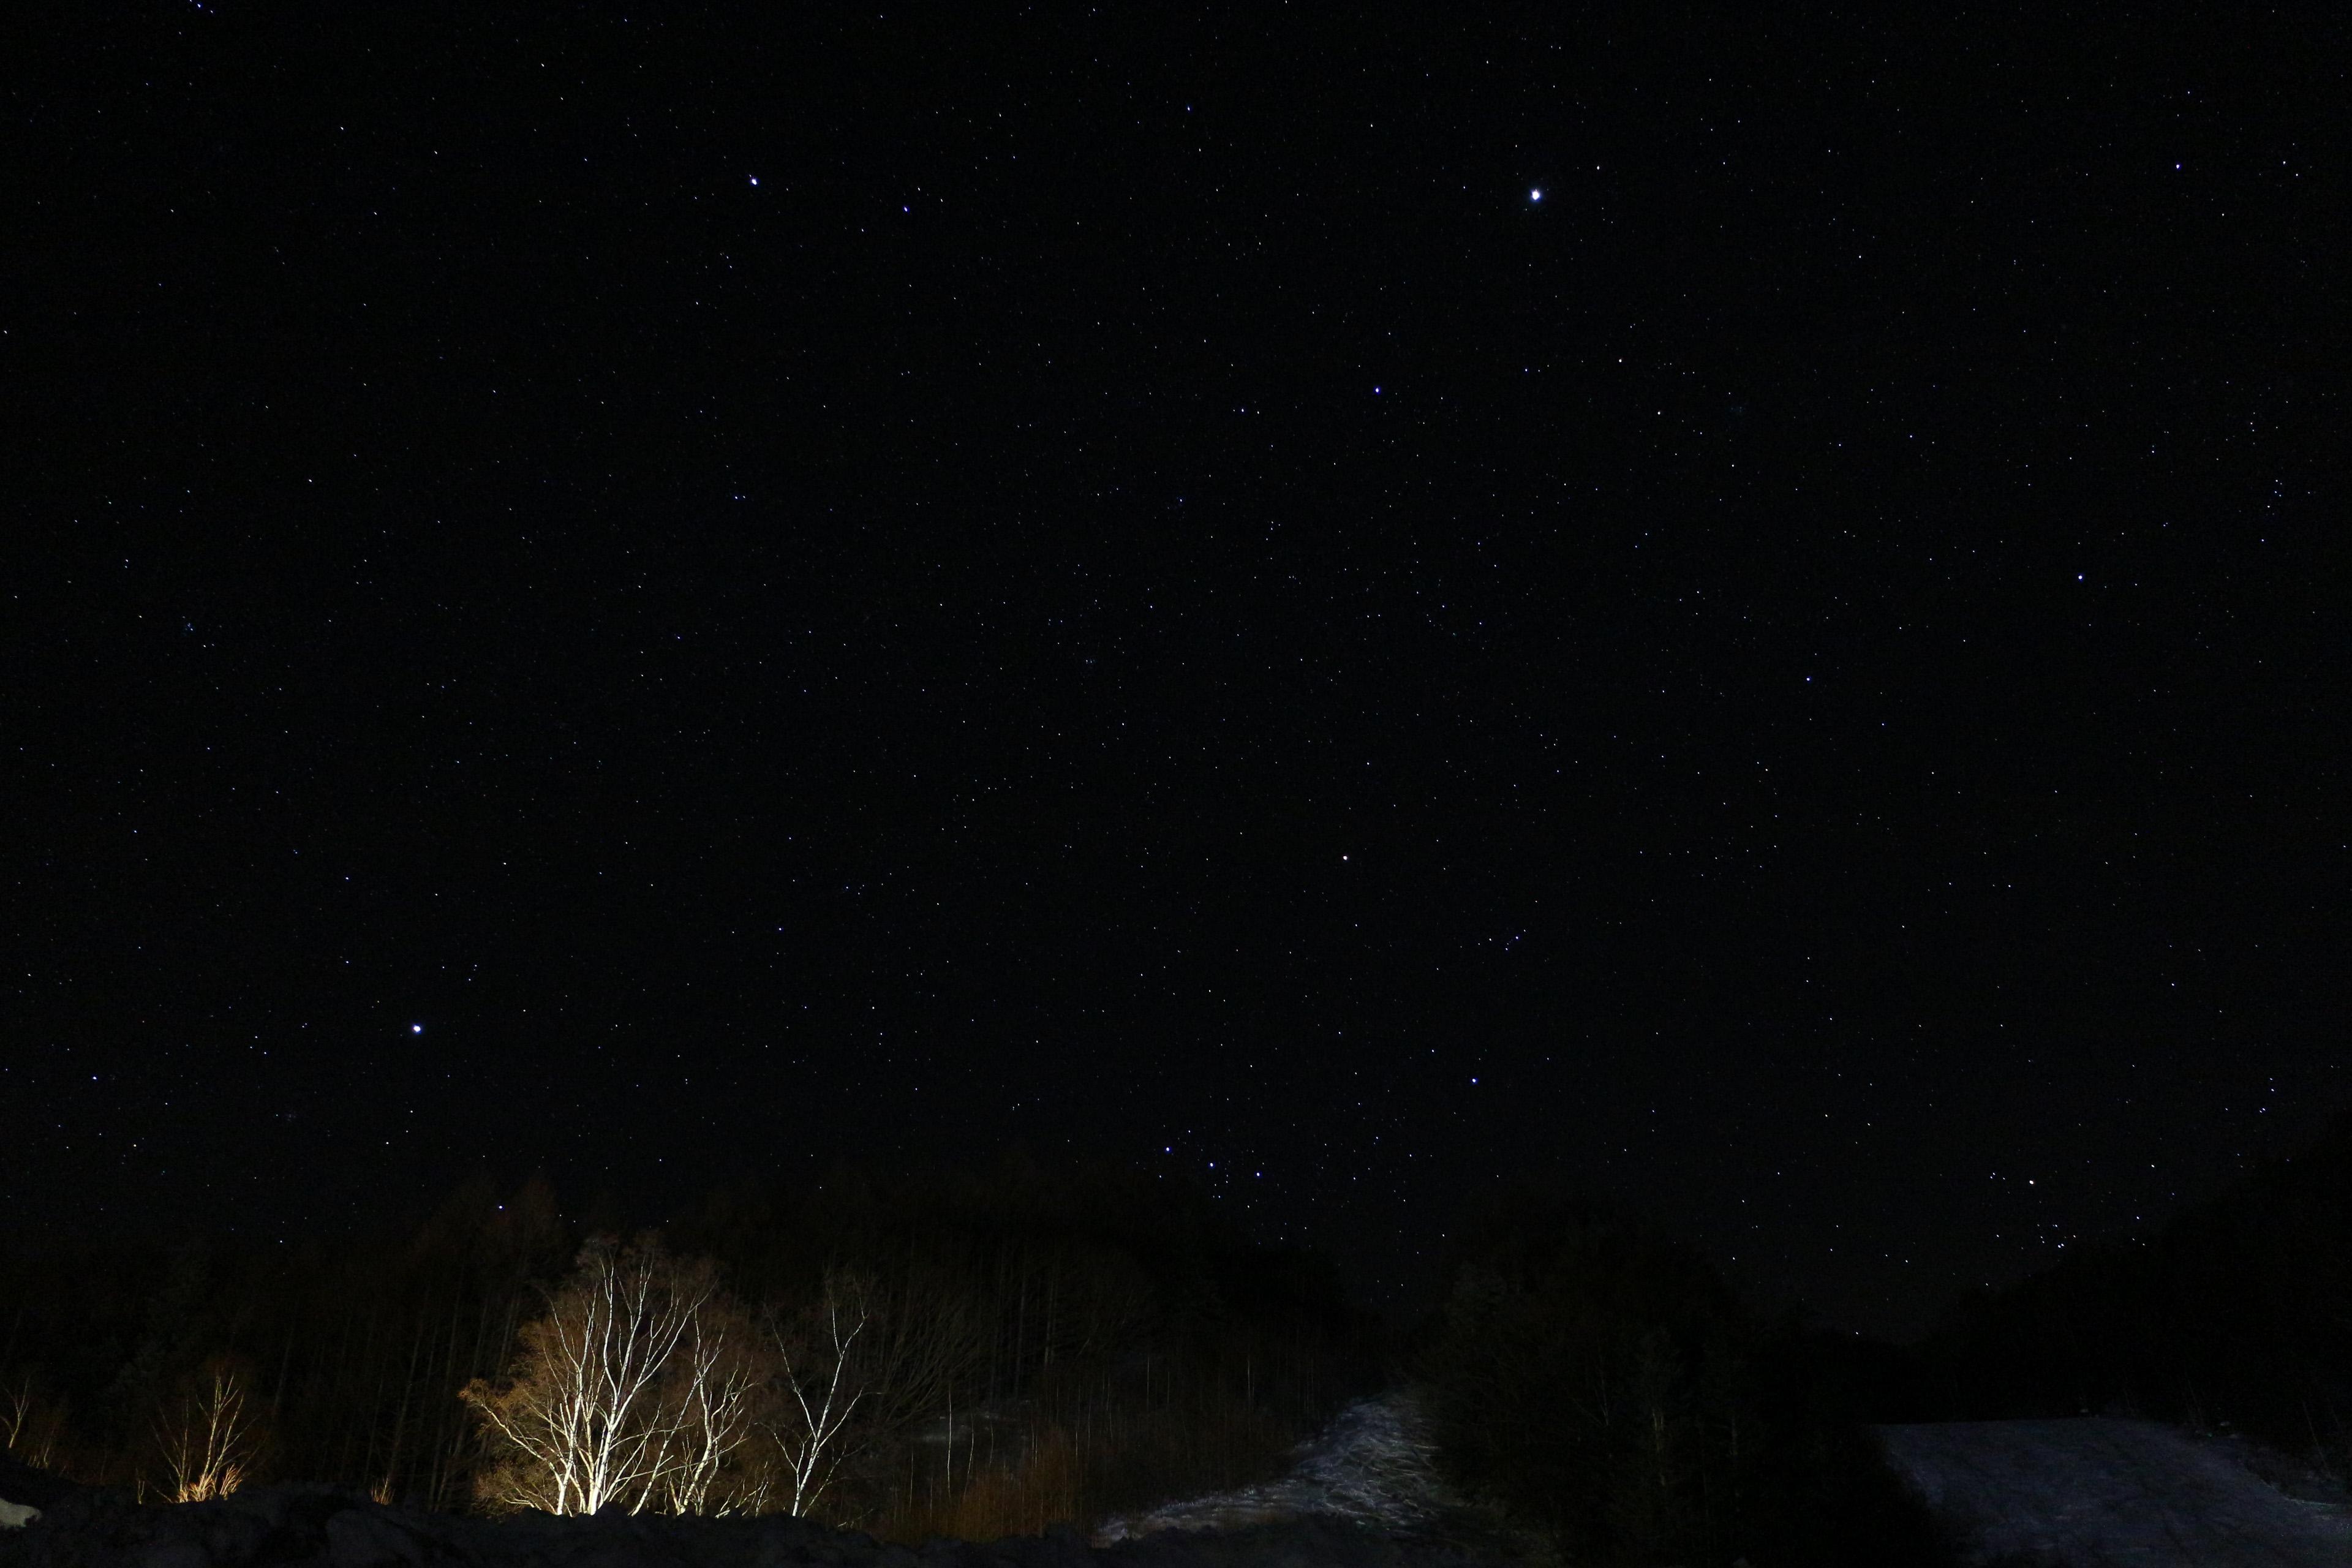 なんという美しい星空だろう。極寒かつ無風の長野の夜を堪能。……が、雪は降らない(涙